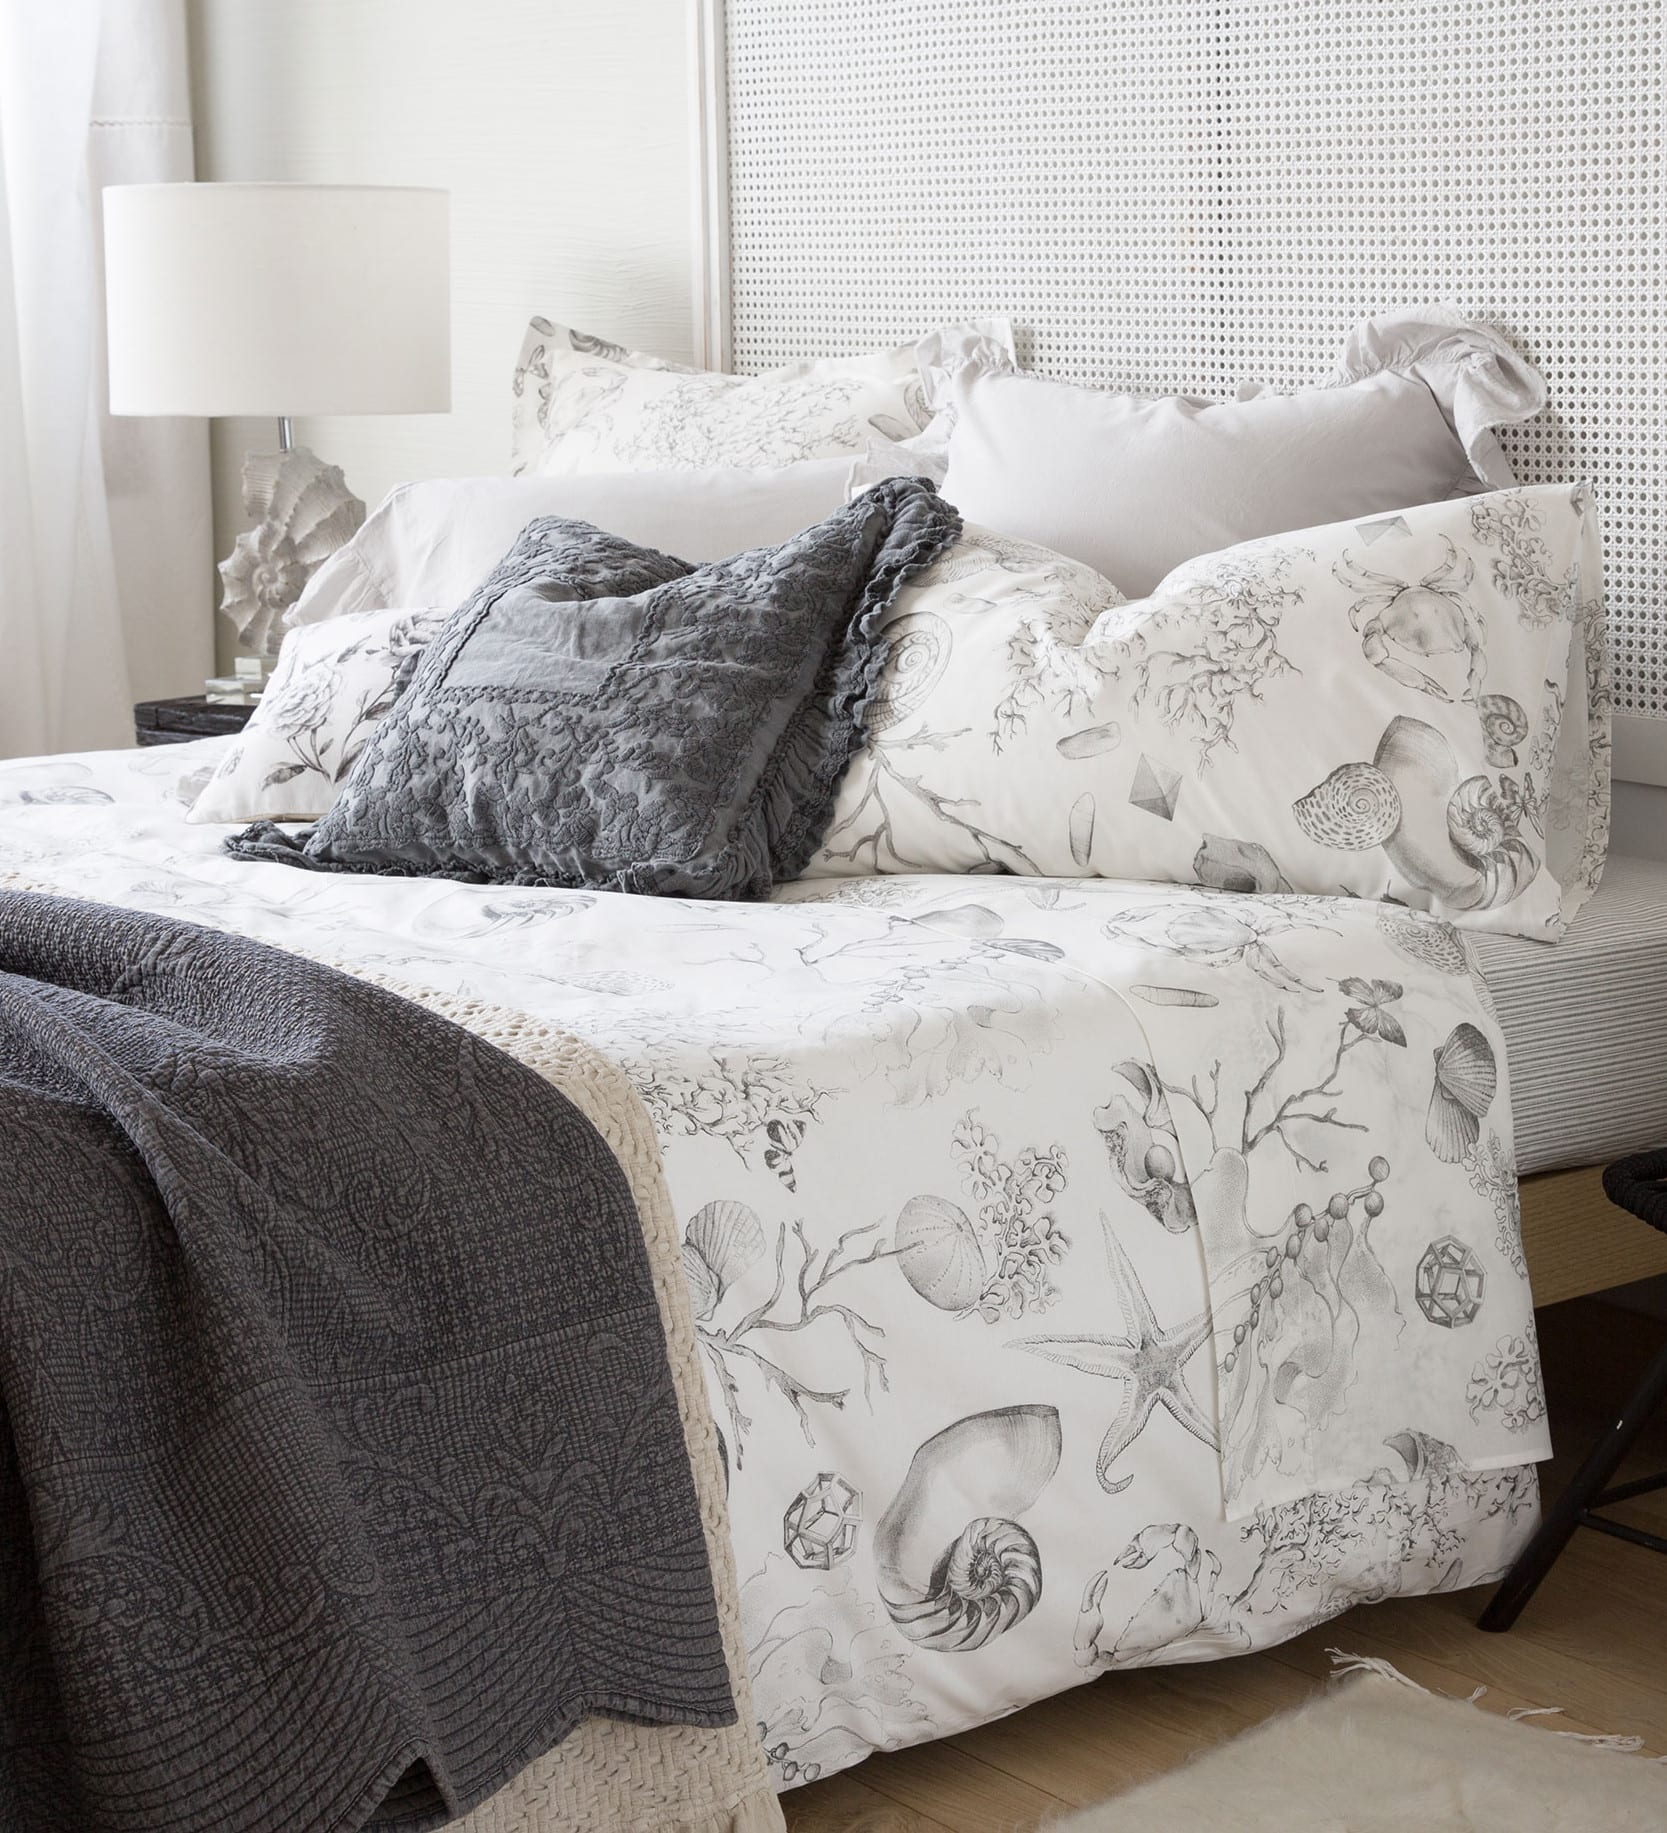 Zara home dekotipps f r schlafzimmer mit tischlampe wei - Schlafzimmer tischlampe ...